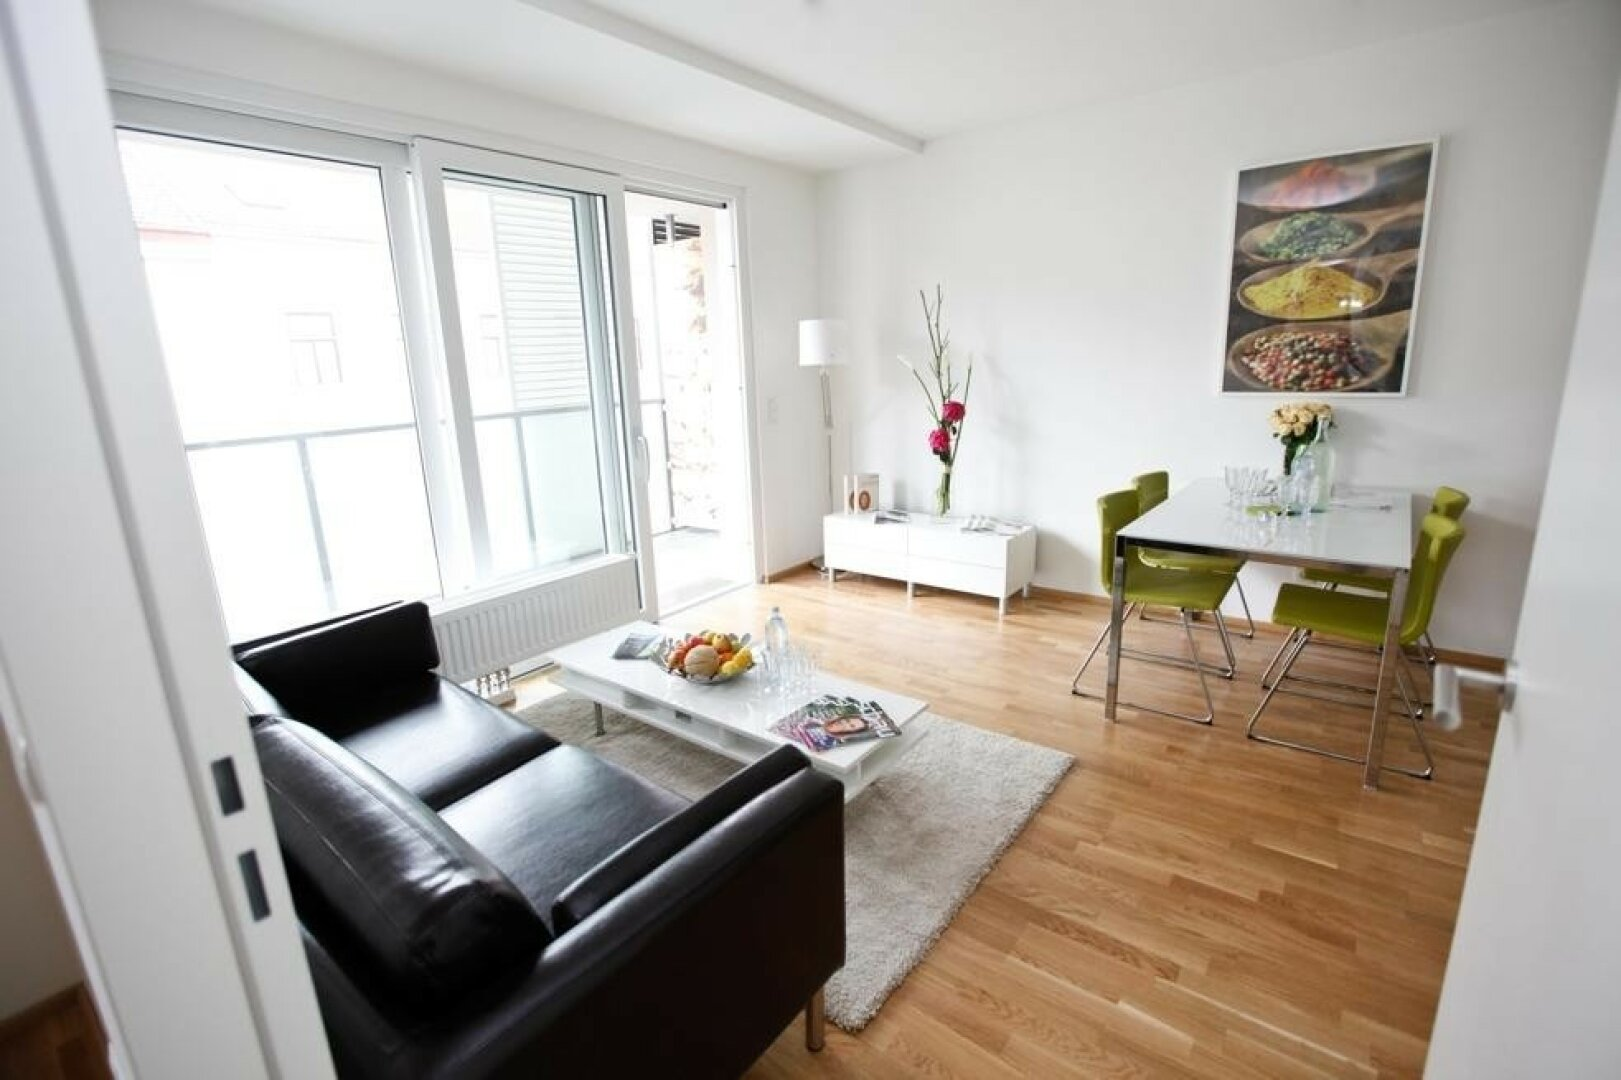 Musterfoto: Top mit gleichem Grundriss im Haus